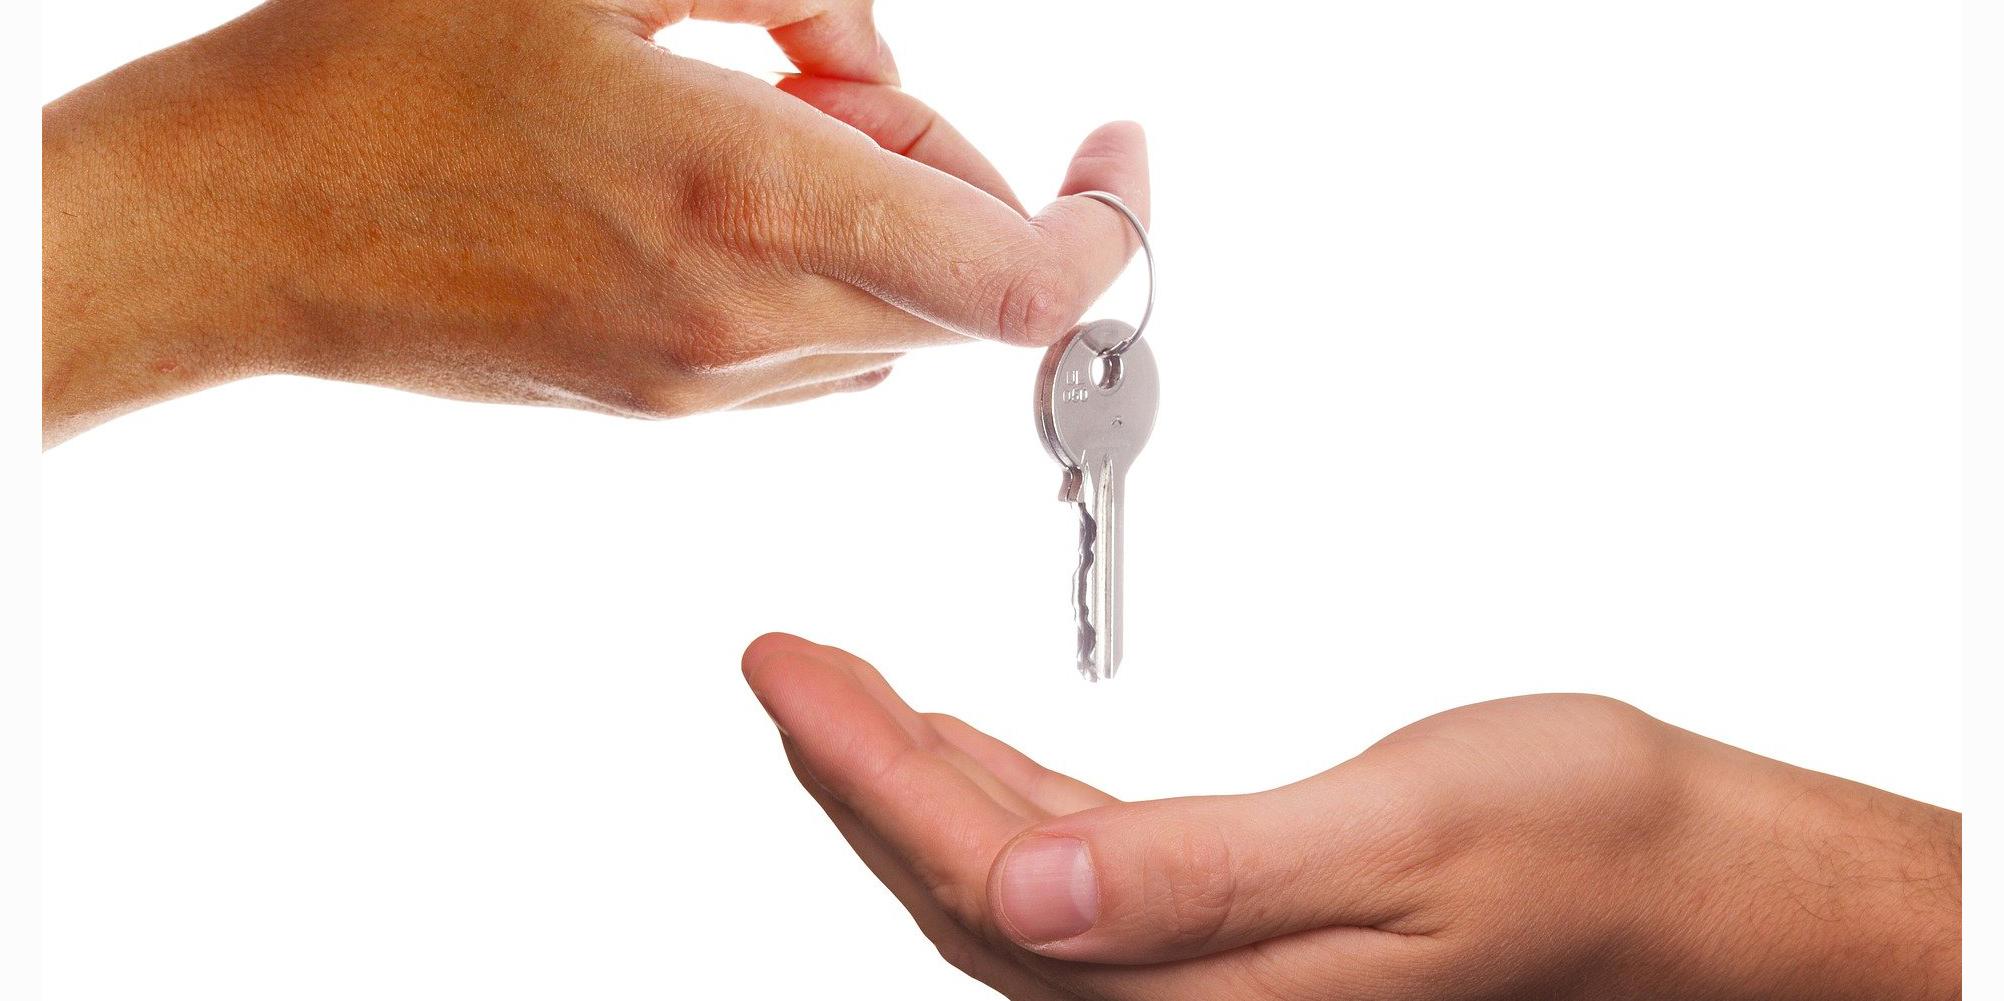 Mietverwaltung - Vermietung von Wohneinheiten